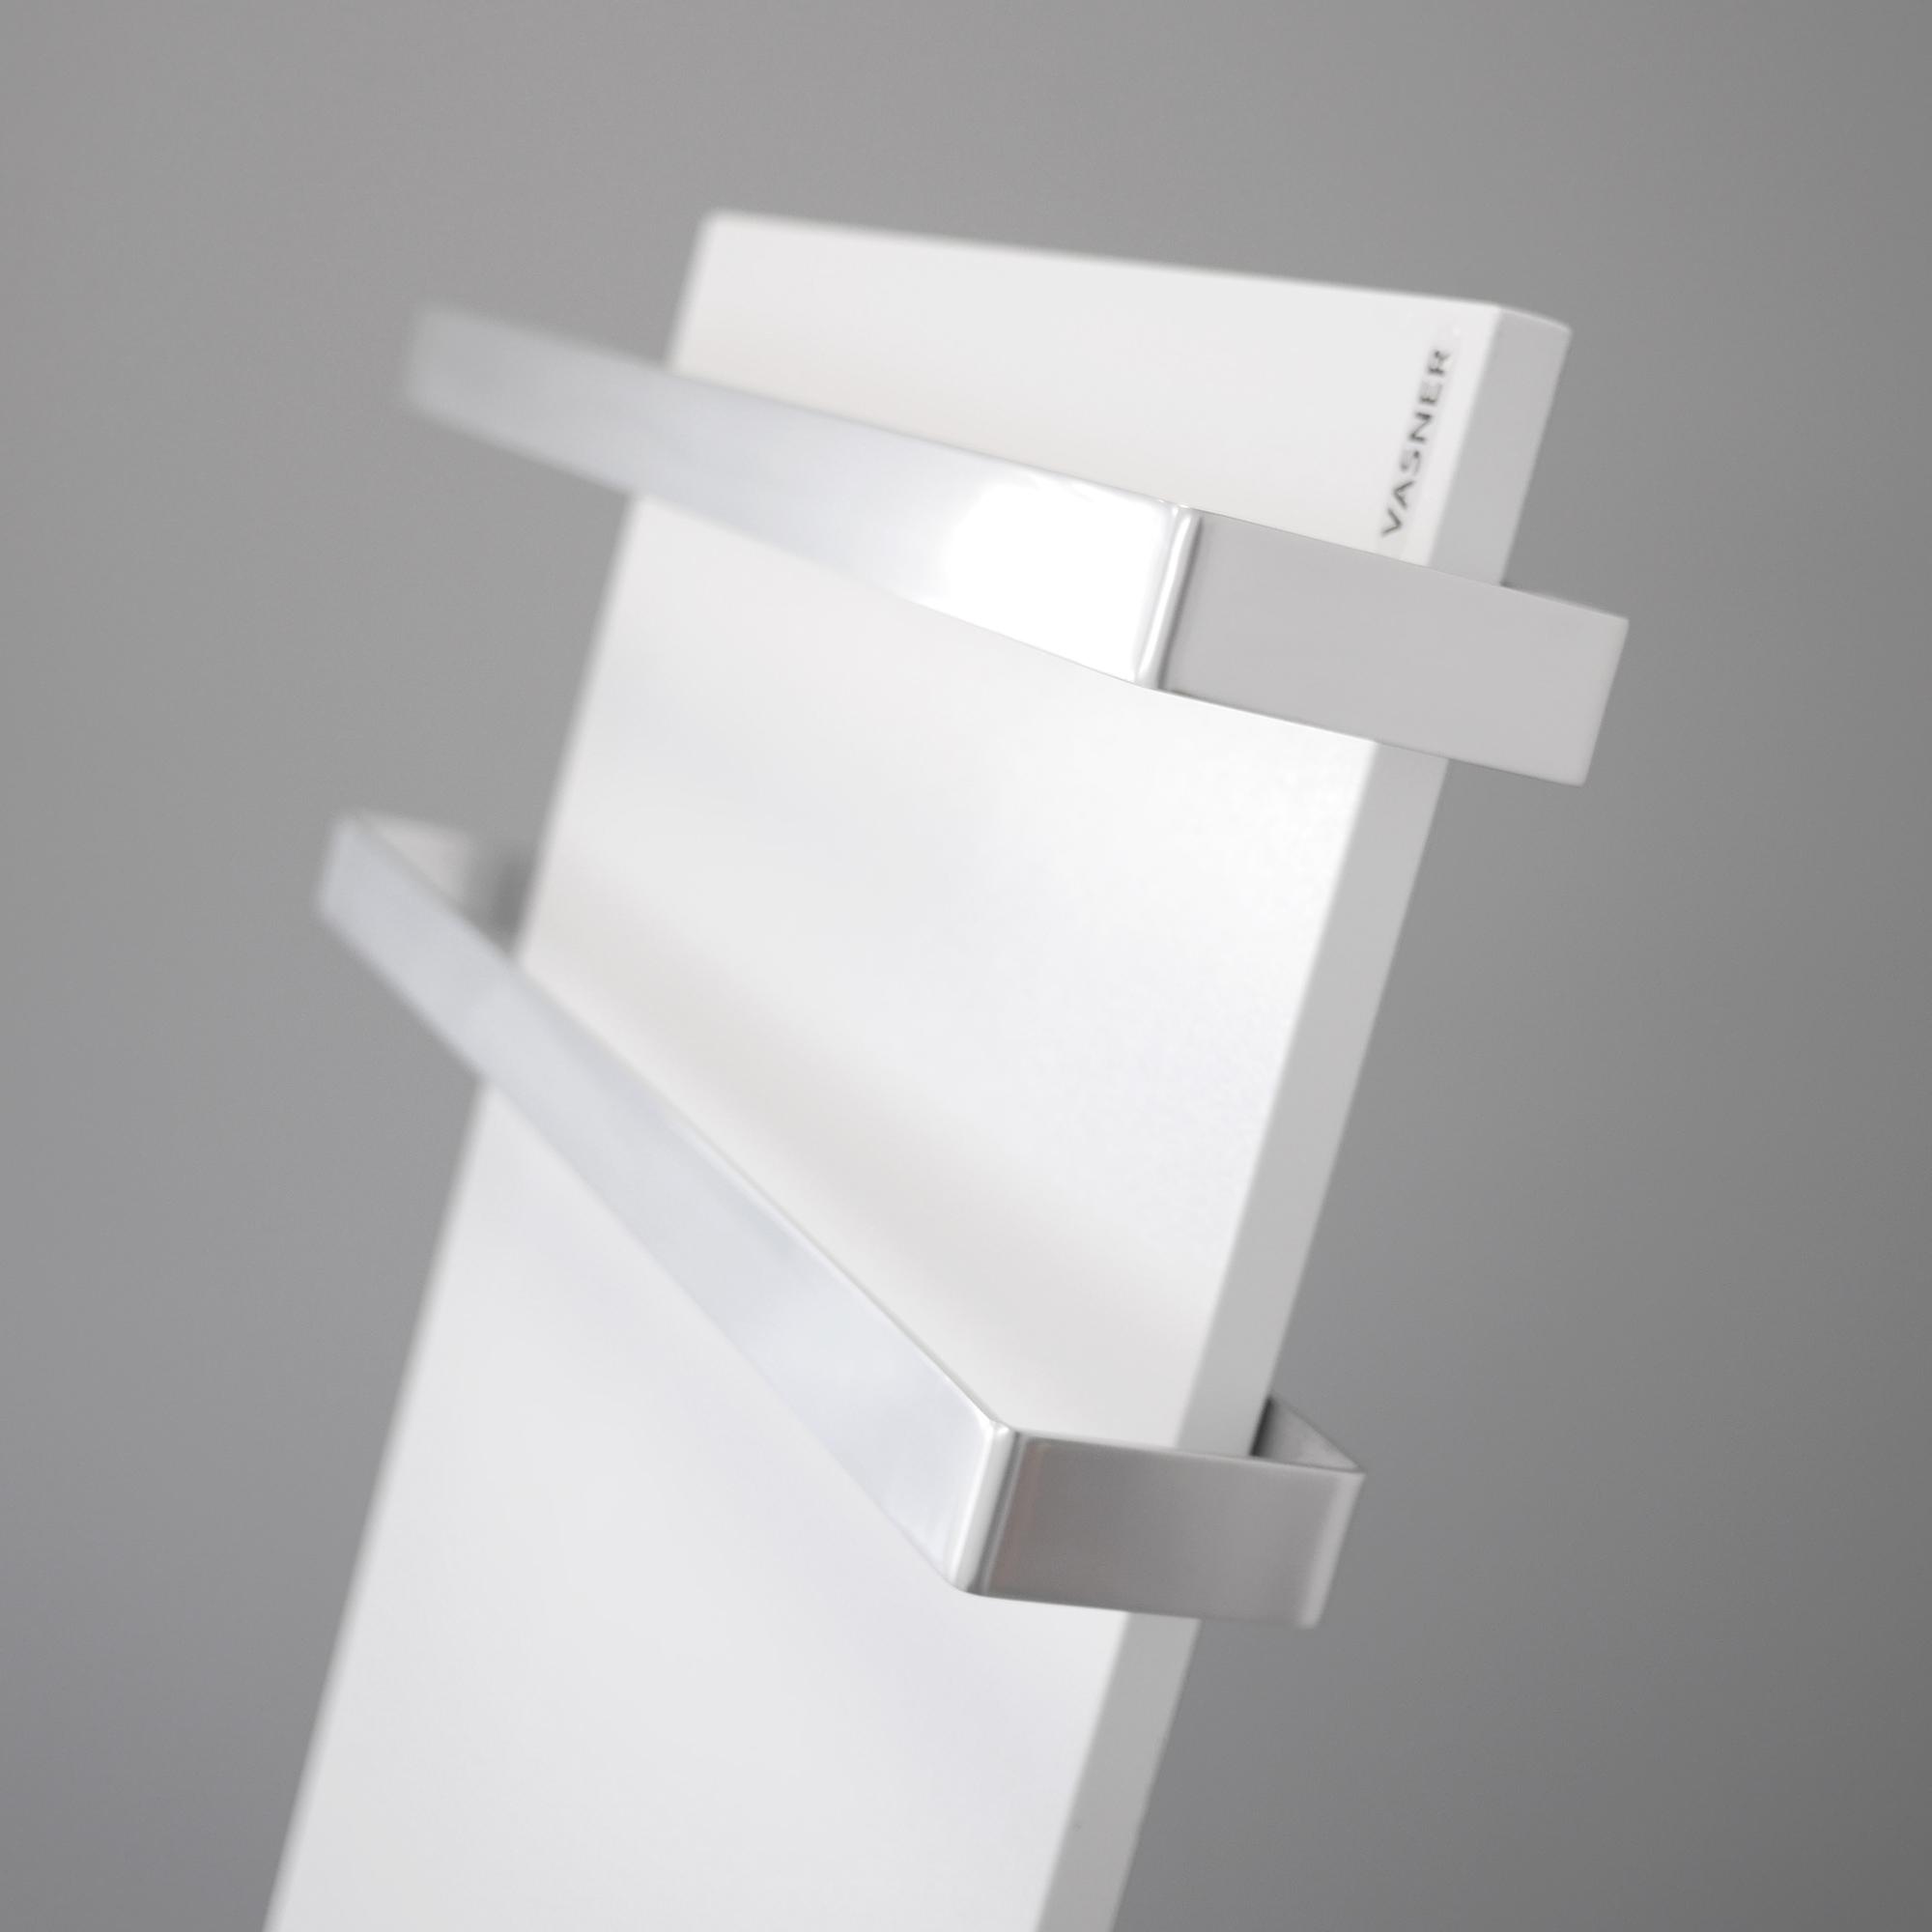 VASNER Infrarot Handtuchtrockner » Infrarotheizung Citara